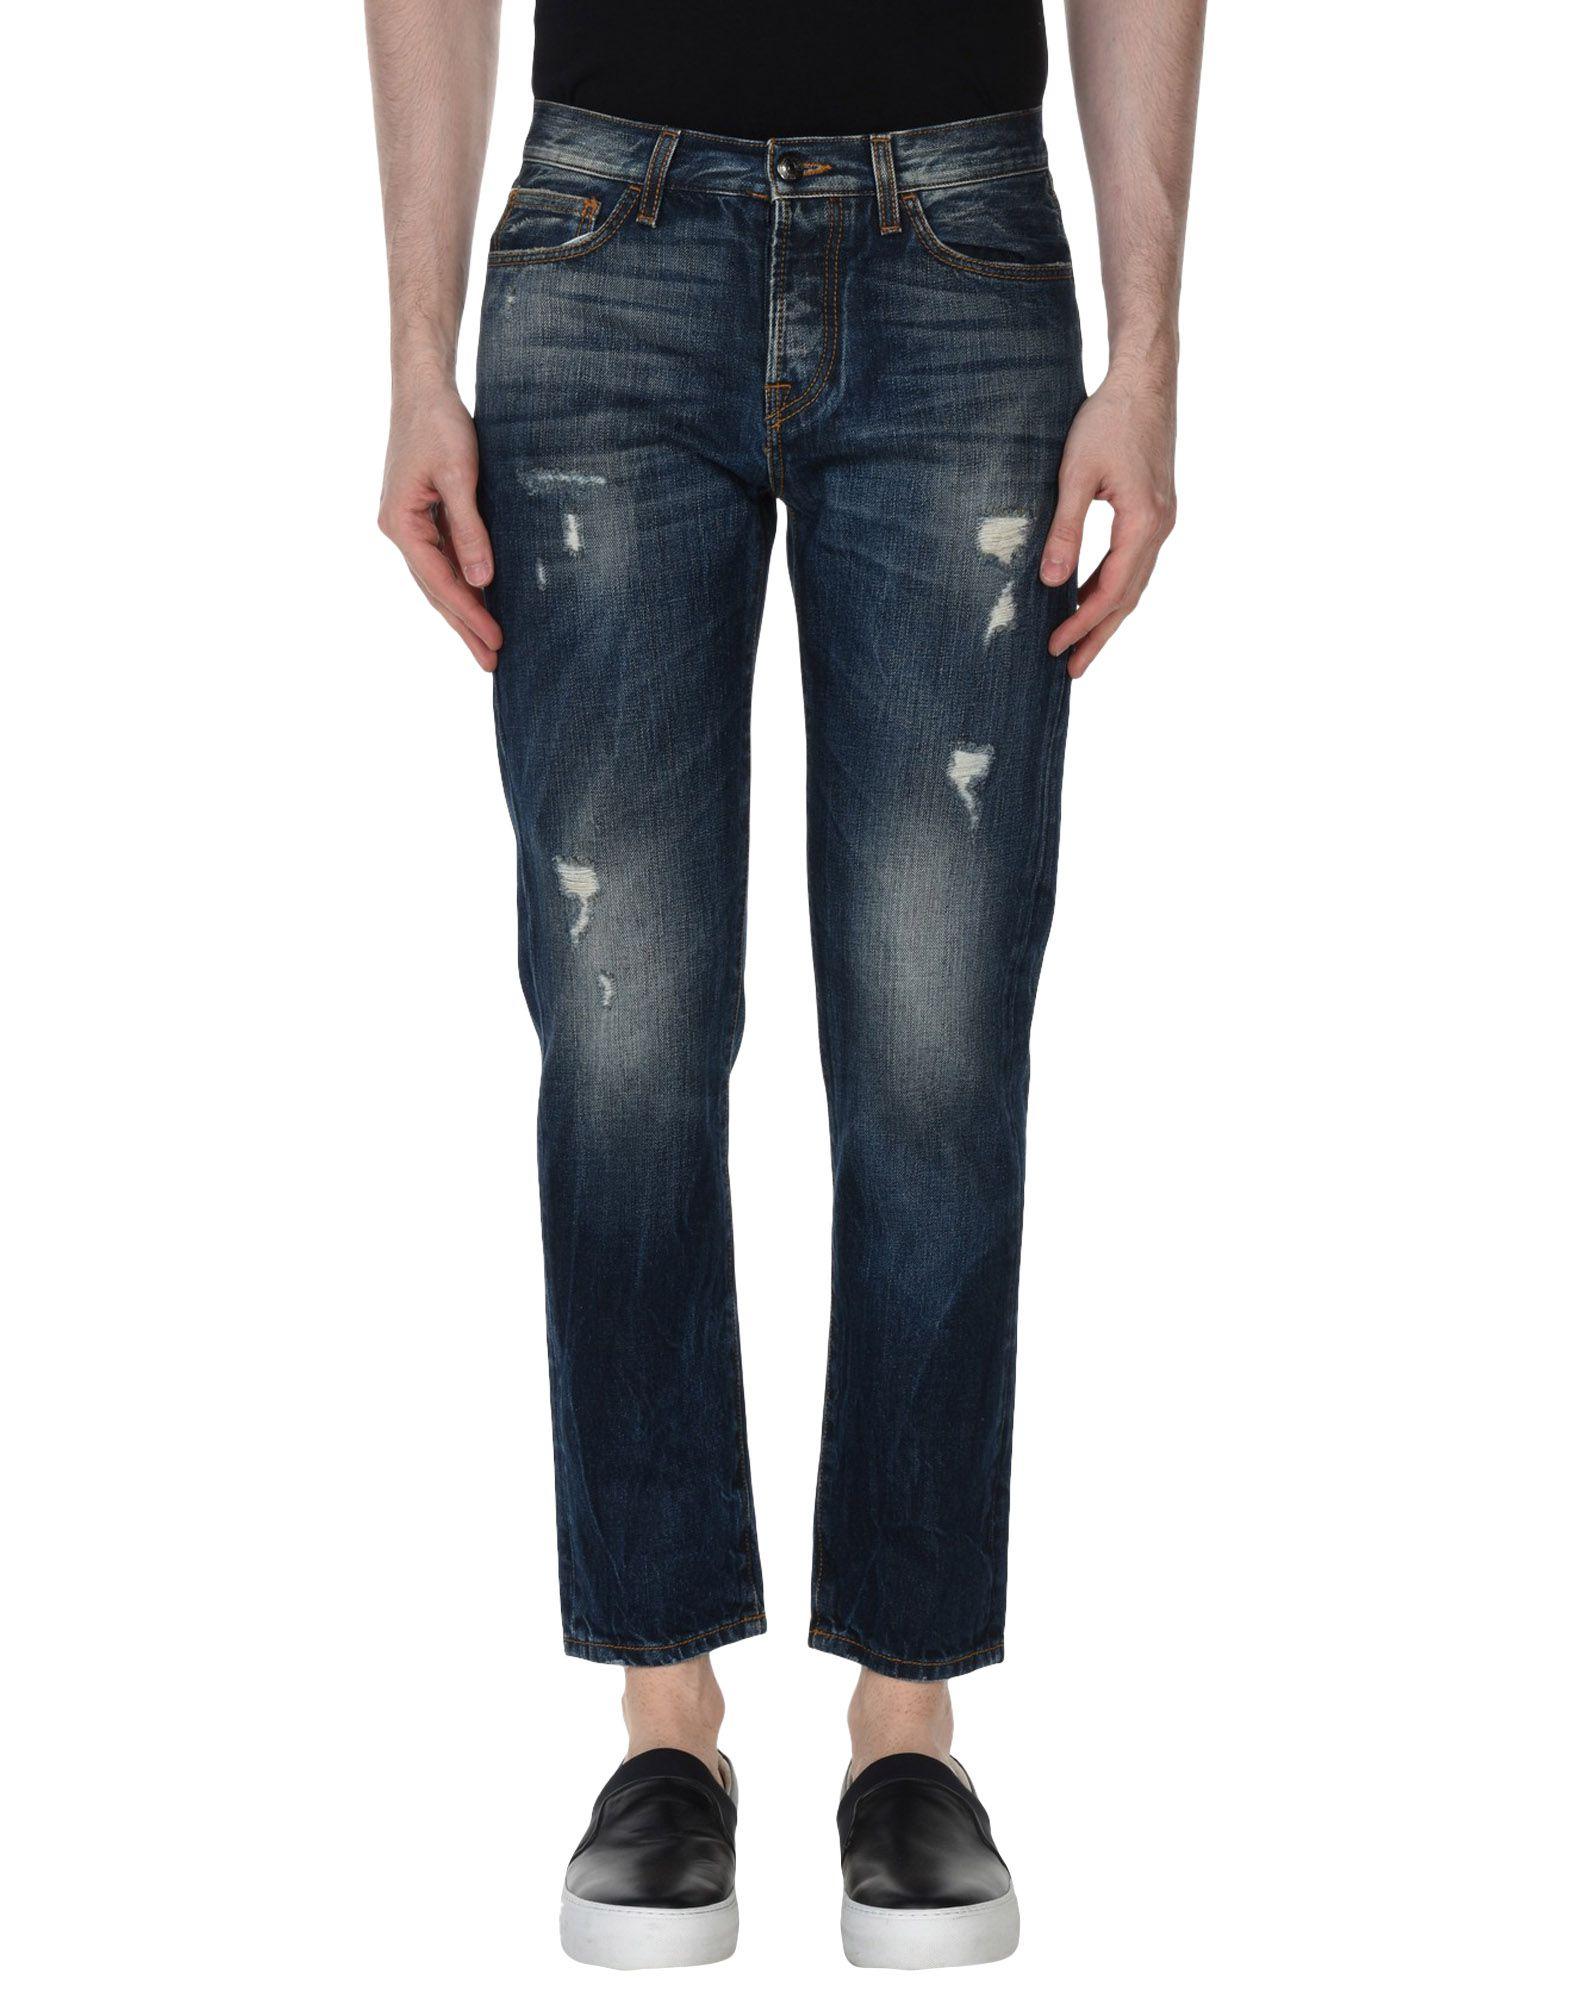 Pantaloni Pantaloni Pantaloni Jeans Ro  Roger's Uomo - 42660970HI 4e36d5